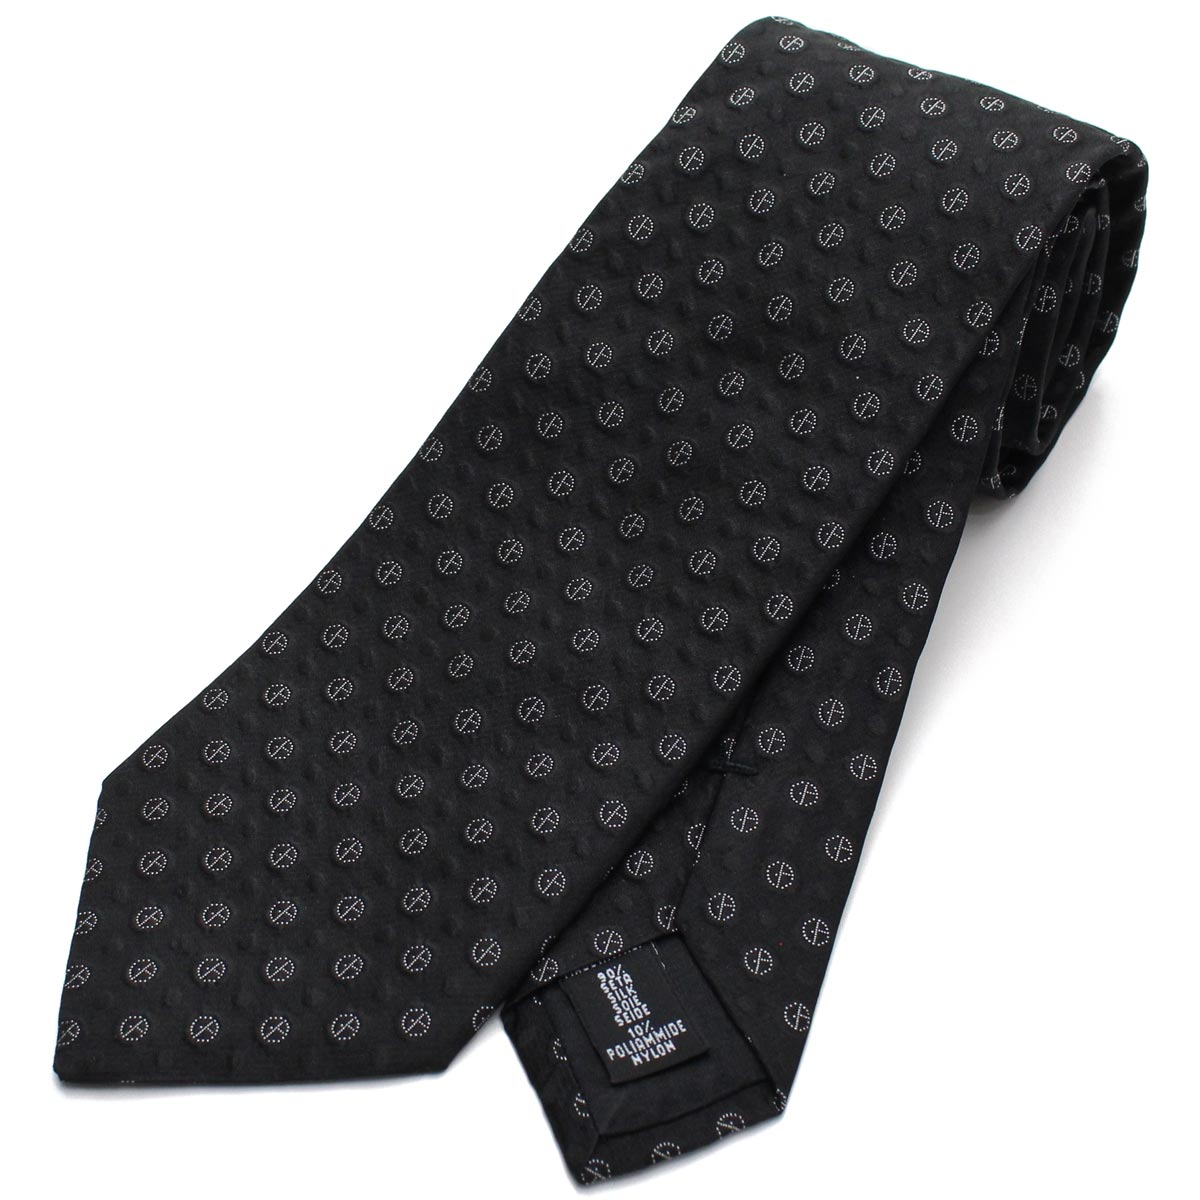 ジョルジオ アルマーニ GIORGIO ARMANI シルク ネクタイ レギュラータイ 360054 8A945 00020 BLACK ブラック 最安値挑戦中 メンズ